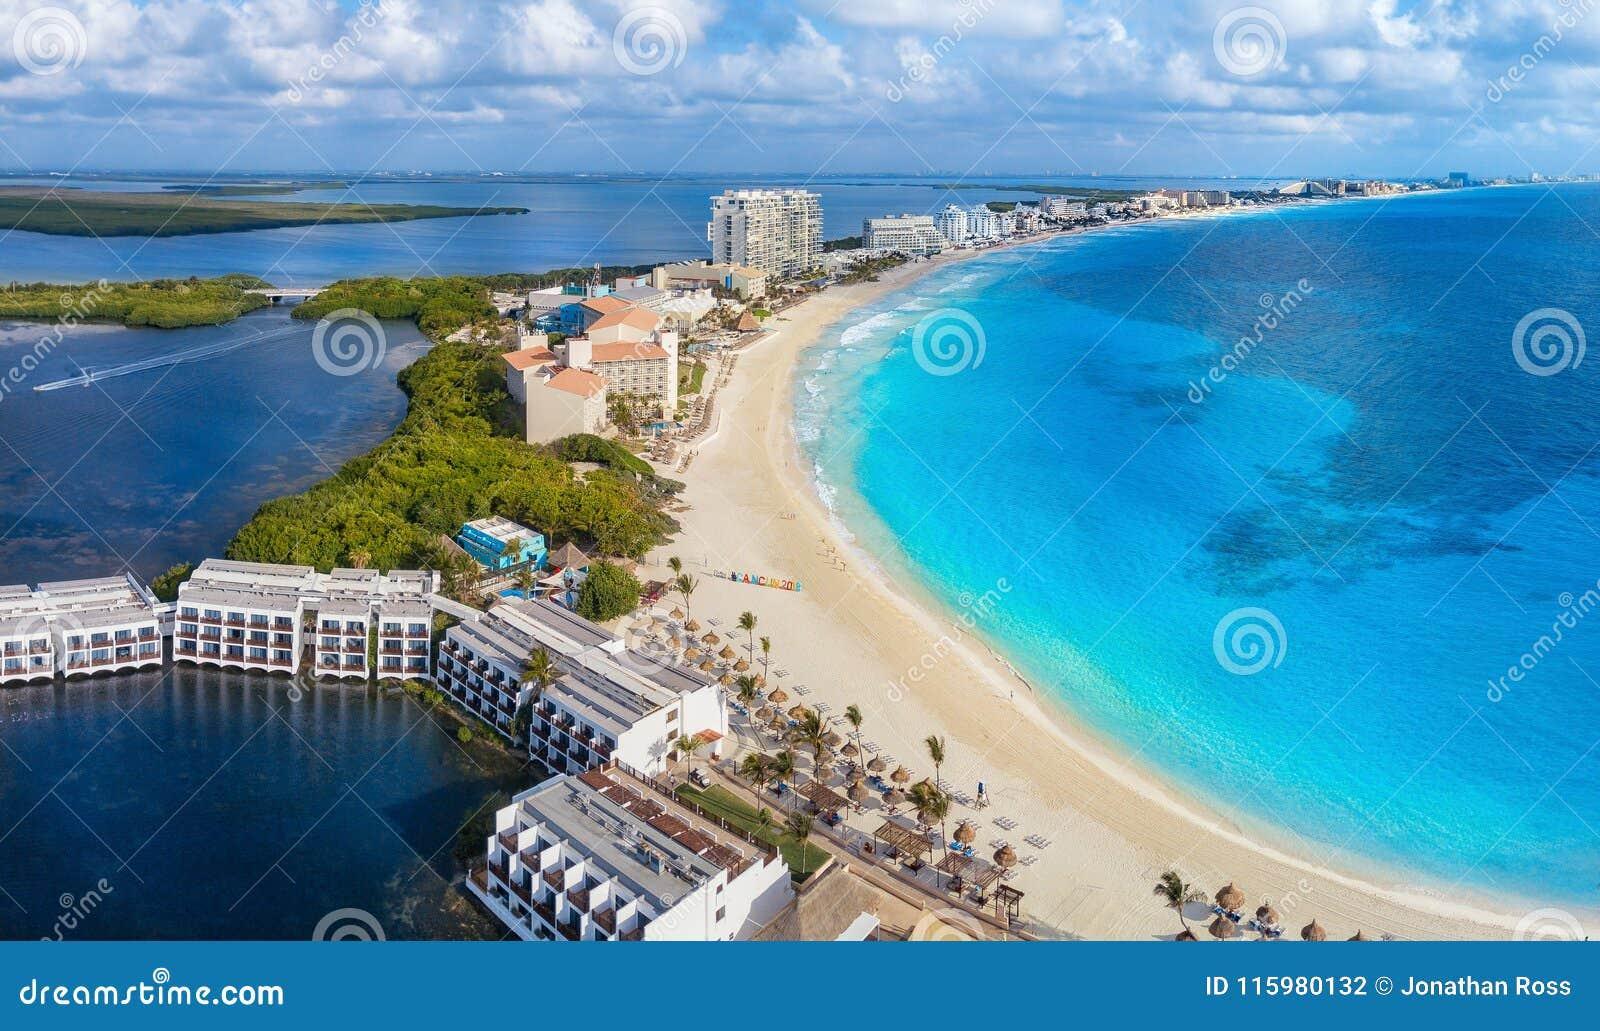 Cancunstrand in de loop van de dag